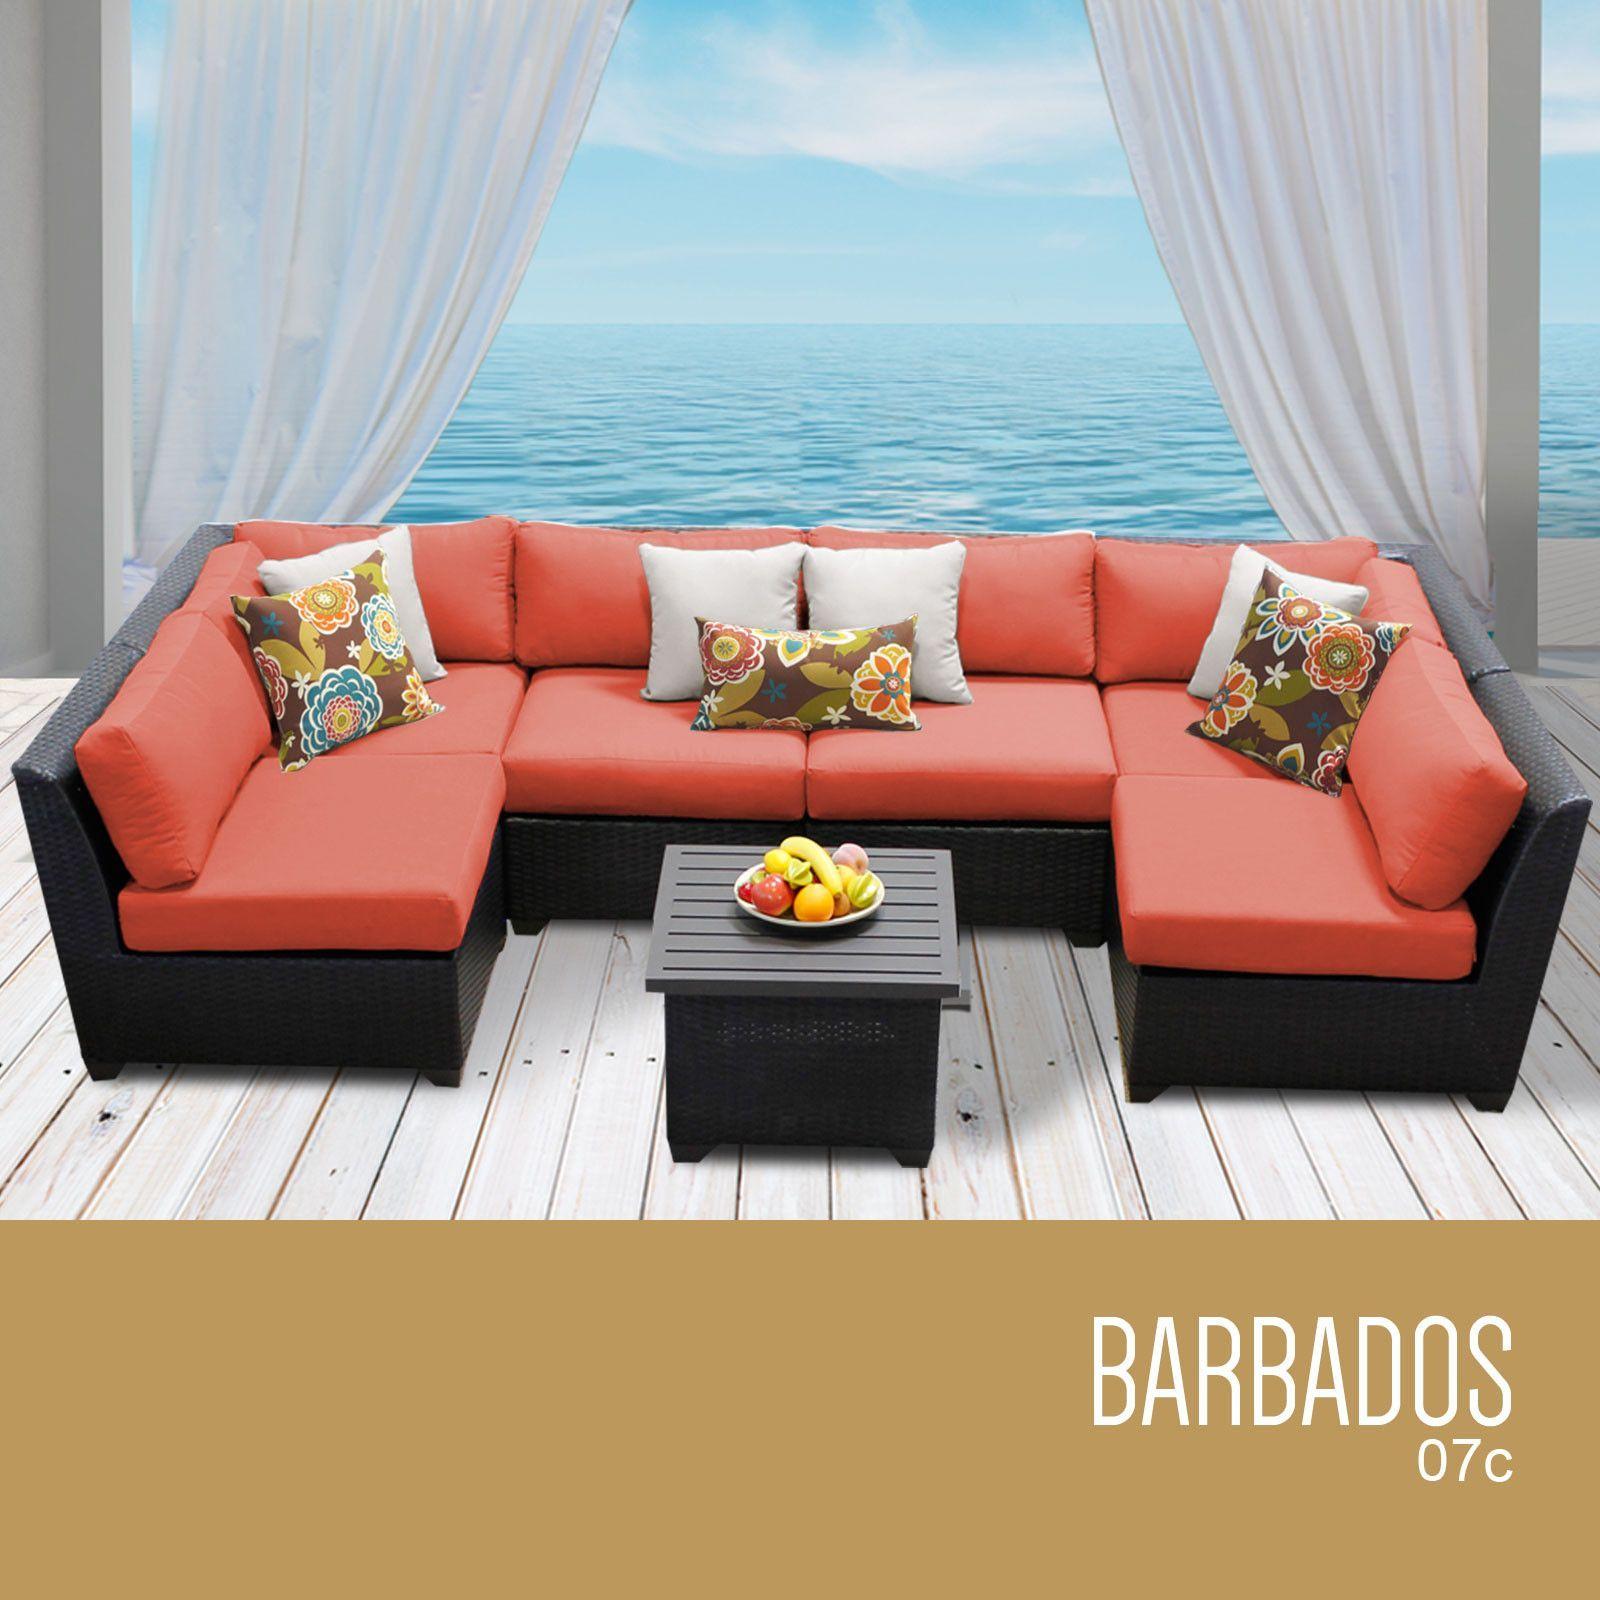 Best Barbados 7 Piece Outdoor Wicker Patio Furniture Set 07C Outdoor Wicker Patio Furniture Wicker 400 x 300